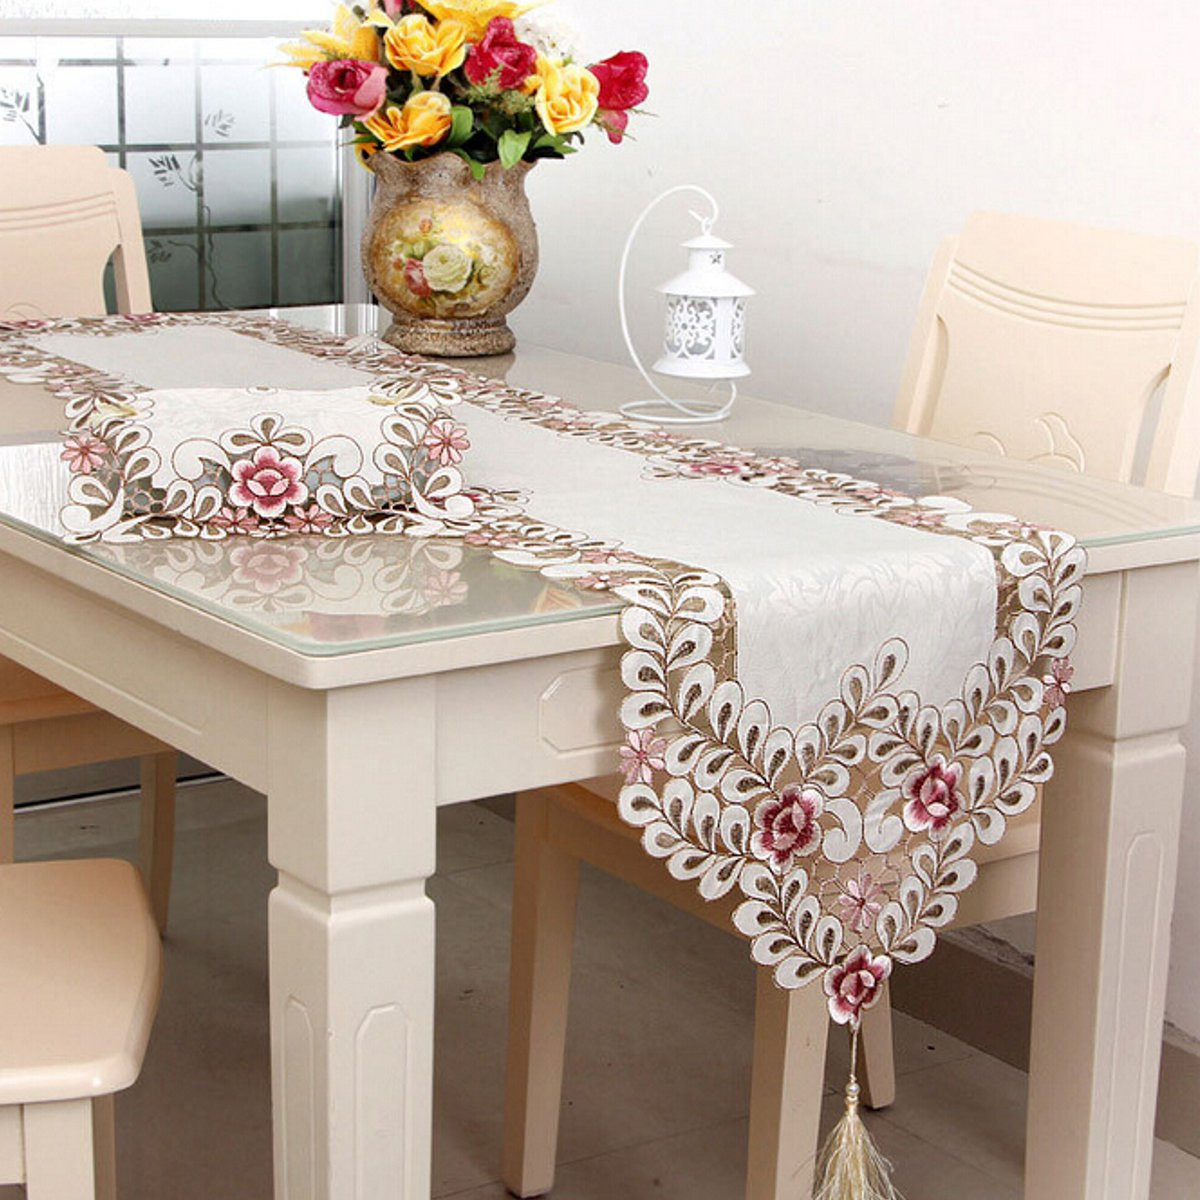 tempsa chemin de table fleur rouge pour décoration fête mariage